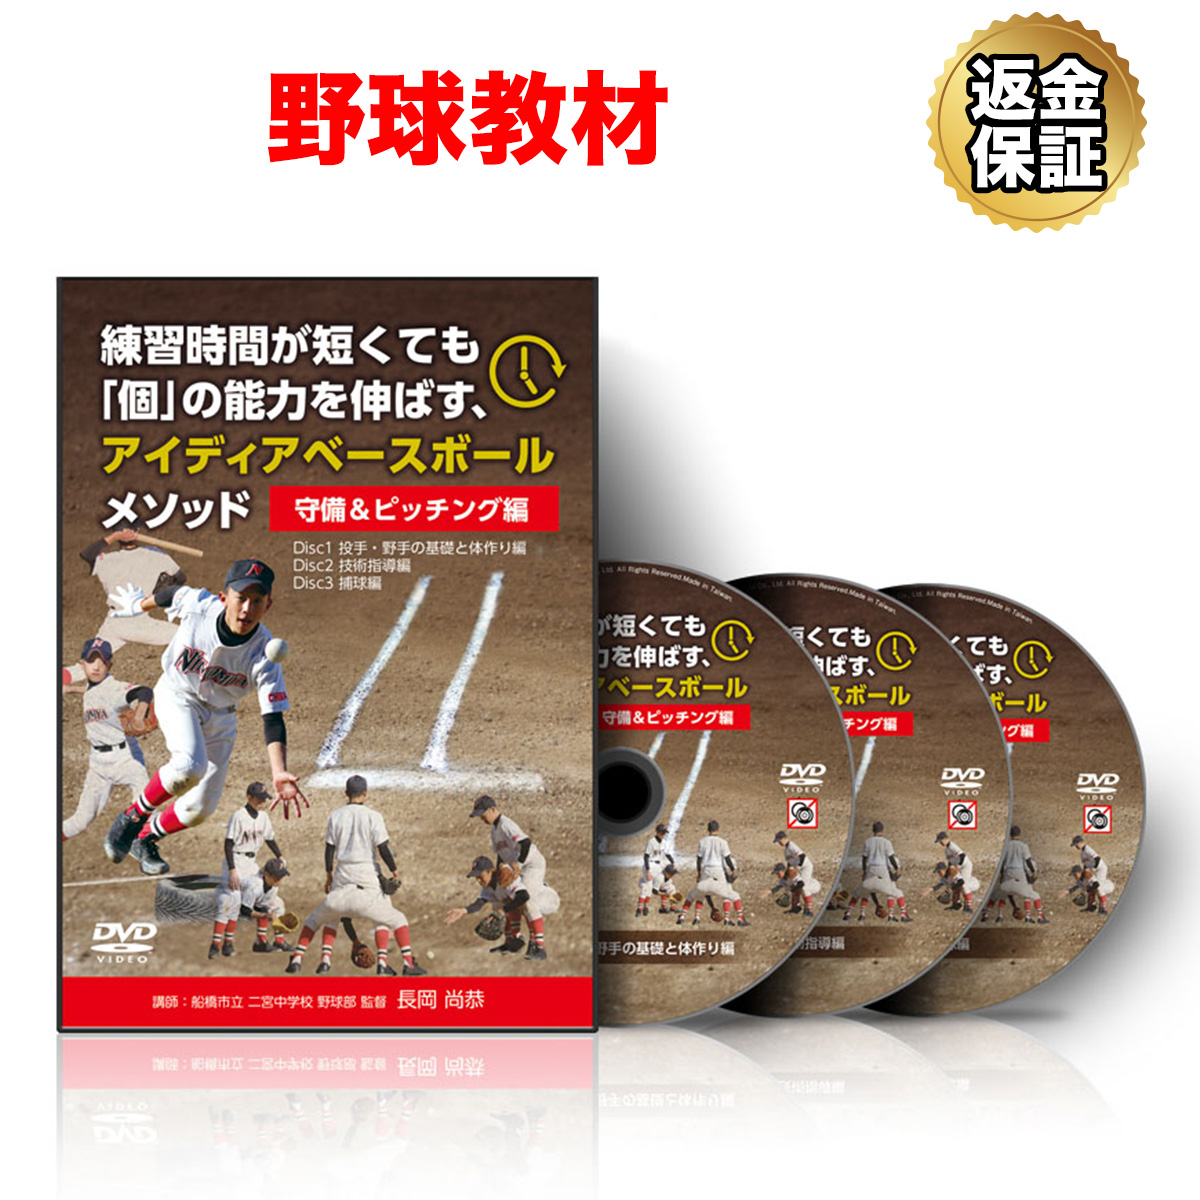 野球 教材 DVD 練習時間が短くても「個」の能力を伸ばす、アイディアベースボールメソッド~守備&ピッチング編~